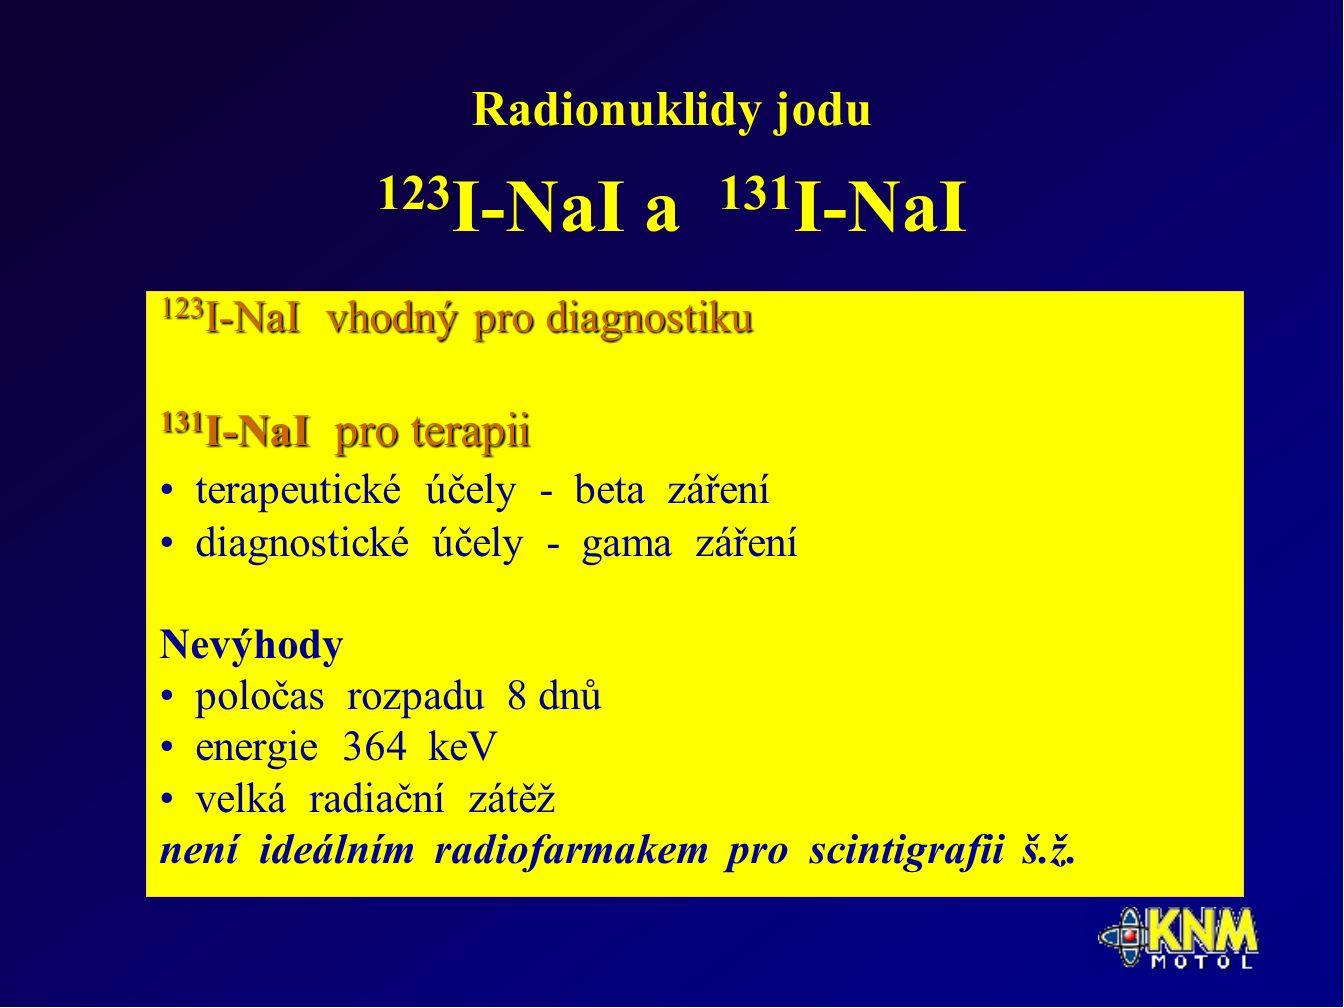 Radionuklidy jodu 123 I-NaI a 131 I-NaI 123 I-NaI vhodný pro diagnostiku 131 I-NaI pro terapii terapeutické účely - beta záření diagnostické účely - gama záření Nevýhody poločas rozpadu 8 dnů energie 364 keV velká radiační zátěž není ideálním radiofarmakem pro scintigrafii š.ž.